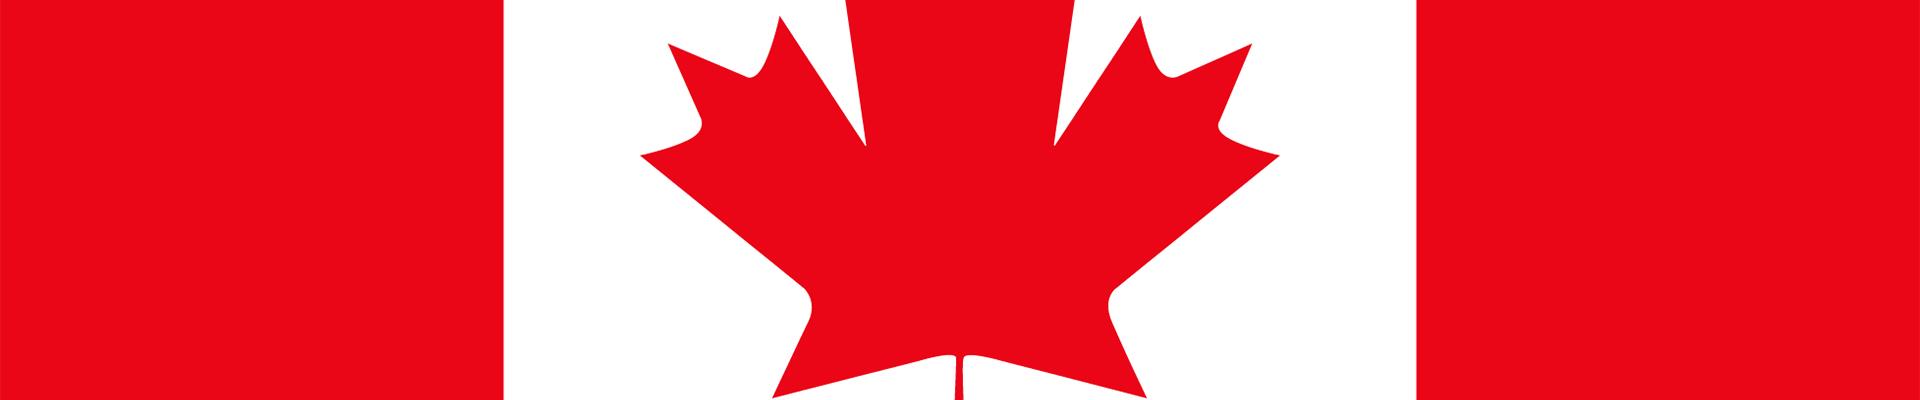 Comment regarder les finales olympiques de gymnastique féminine au saut de cheval et aux barres asymétriques en direct au Canada